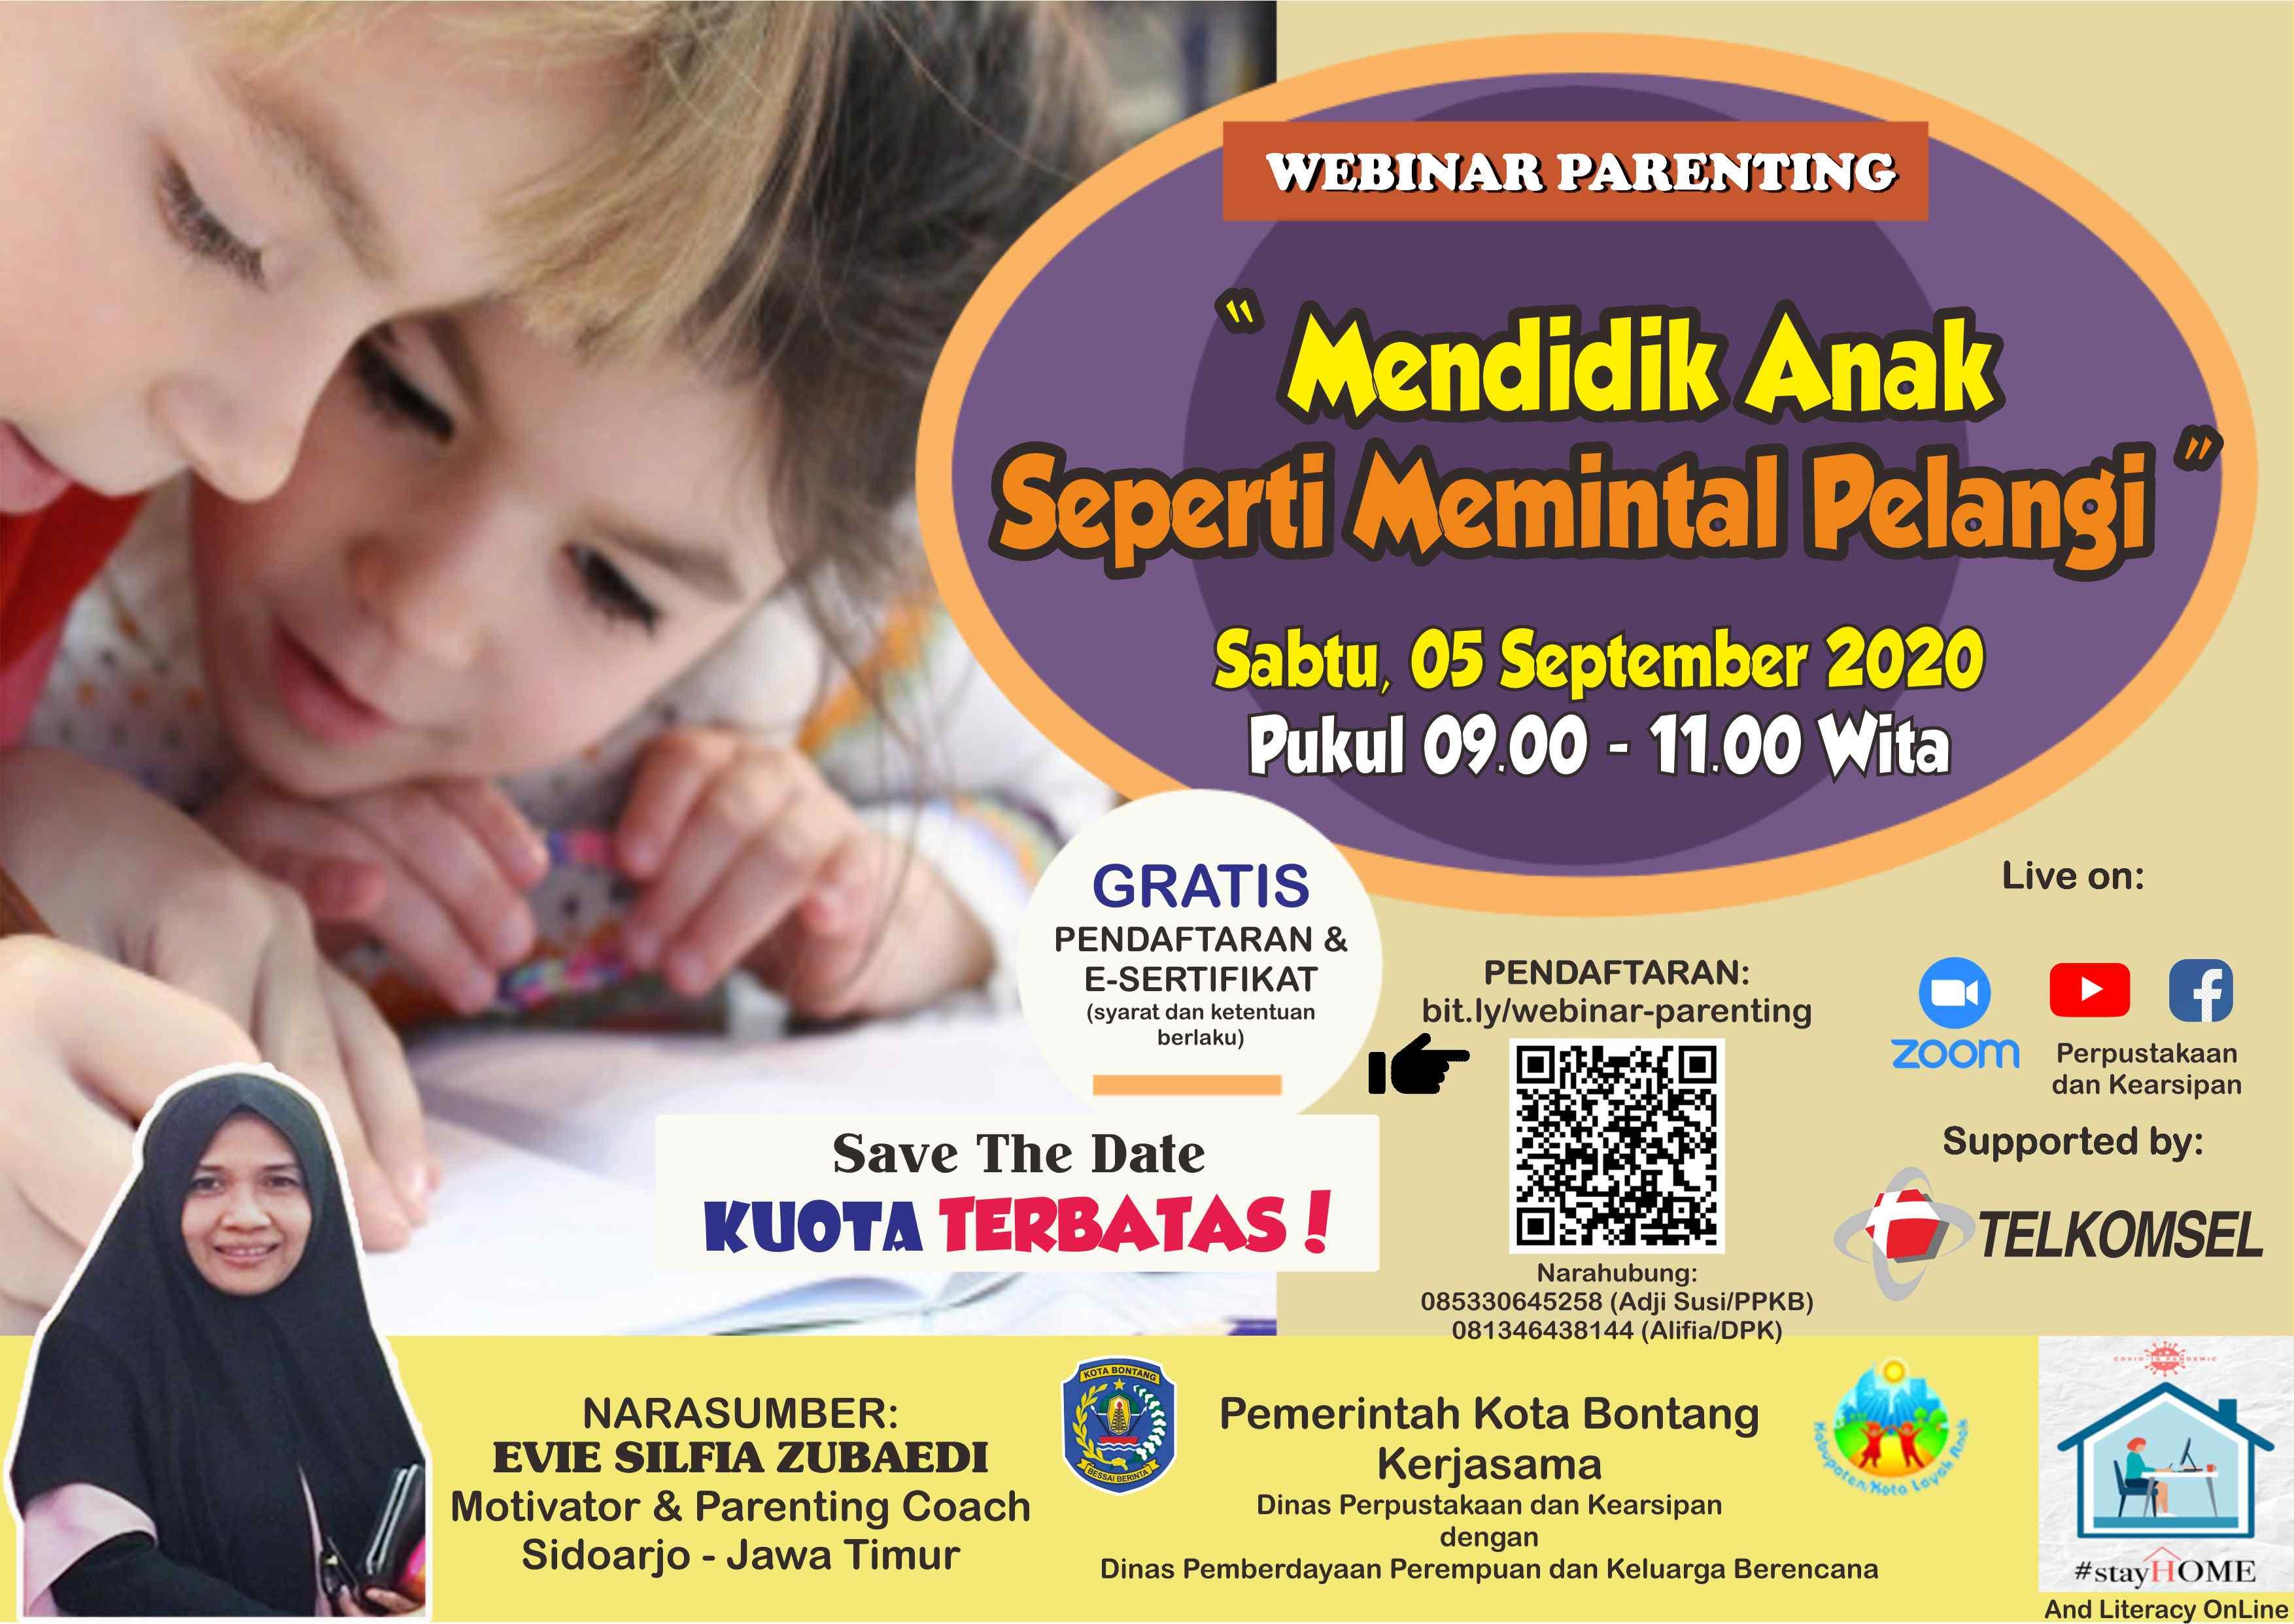 Webinar Parenting